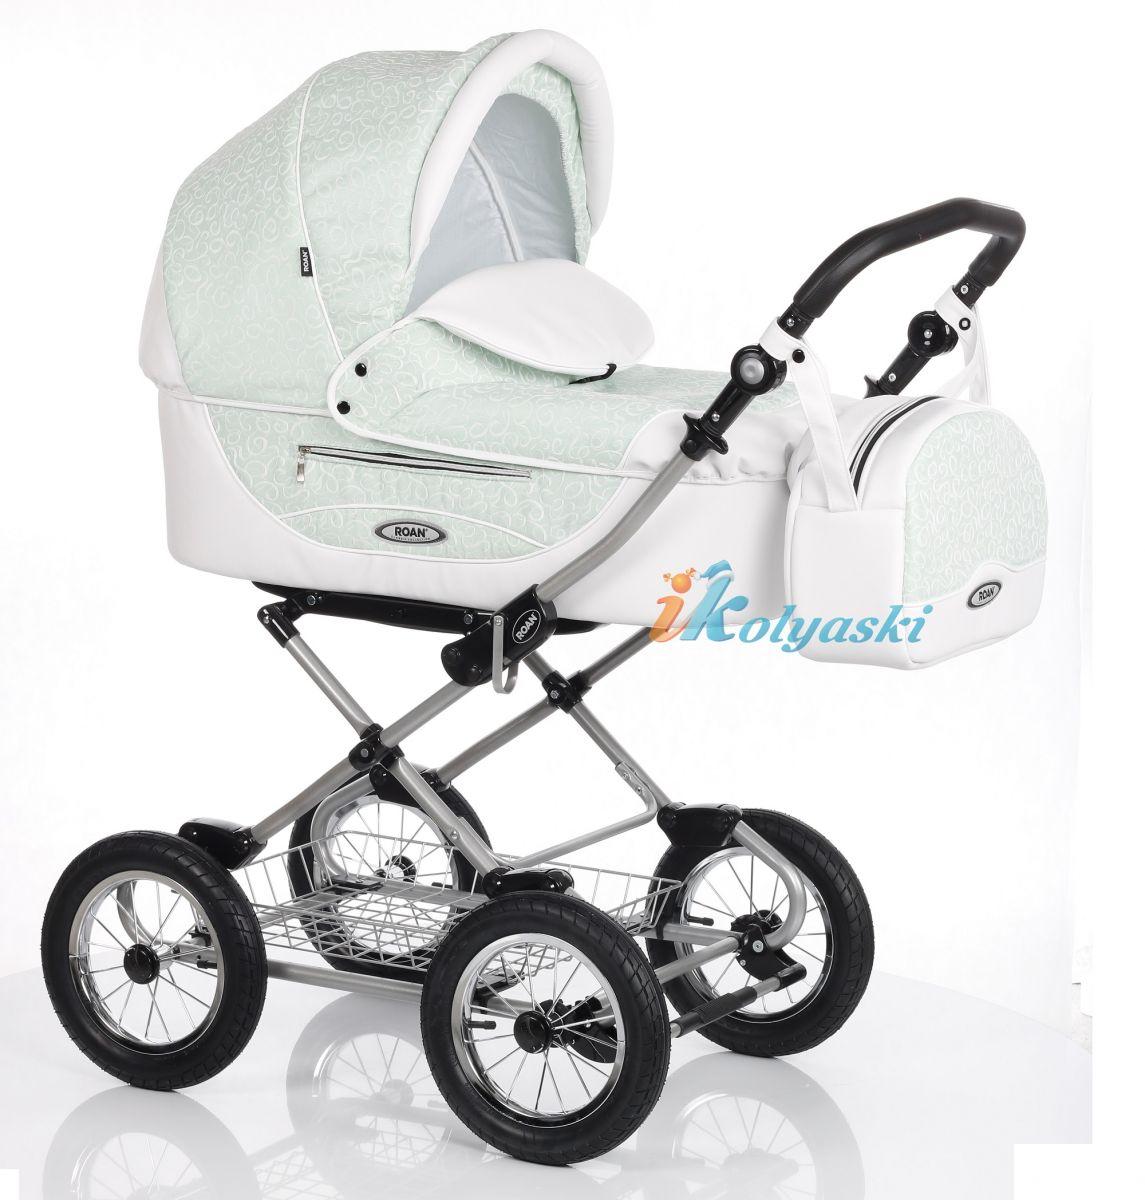 Детская коляска Roan Kortina Luxe Роан Кортина люкс 2018 спальная люлька 3 в 1 , коляска для новорожденных, коляска зима-лето.  roan kortina, roan cortina, Детская коляска Roan Kortina Luxe, коляска Роан Кортина люкс 2018, коляска спальная, коляска  люлька, коляска 3 в 1, коляска для новорожденных, роан кортина, коляска роан кортина, коляска roan cortina, цвет K-36